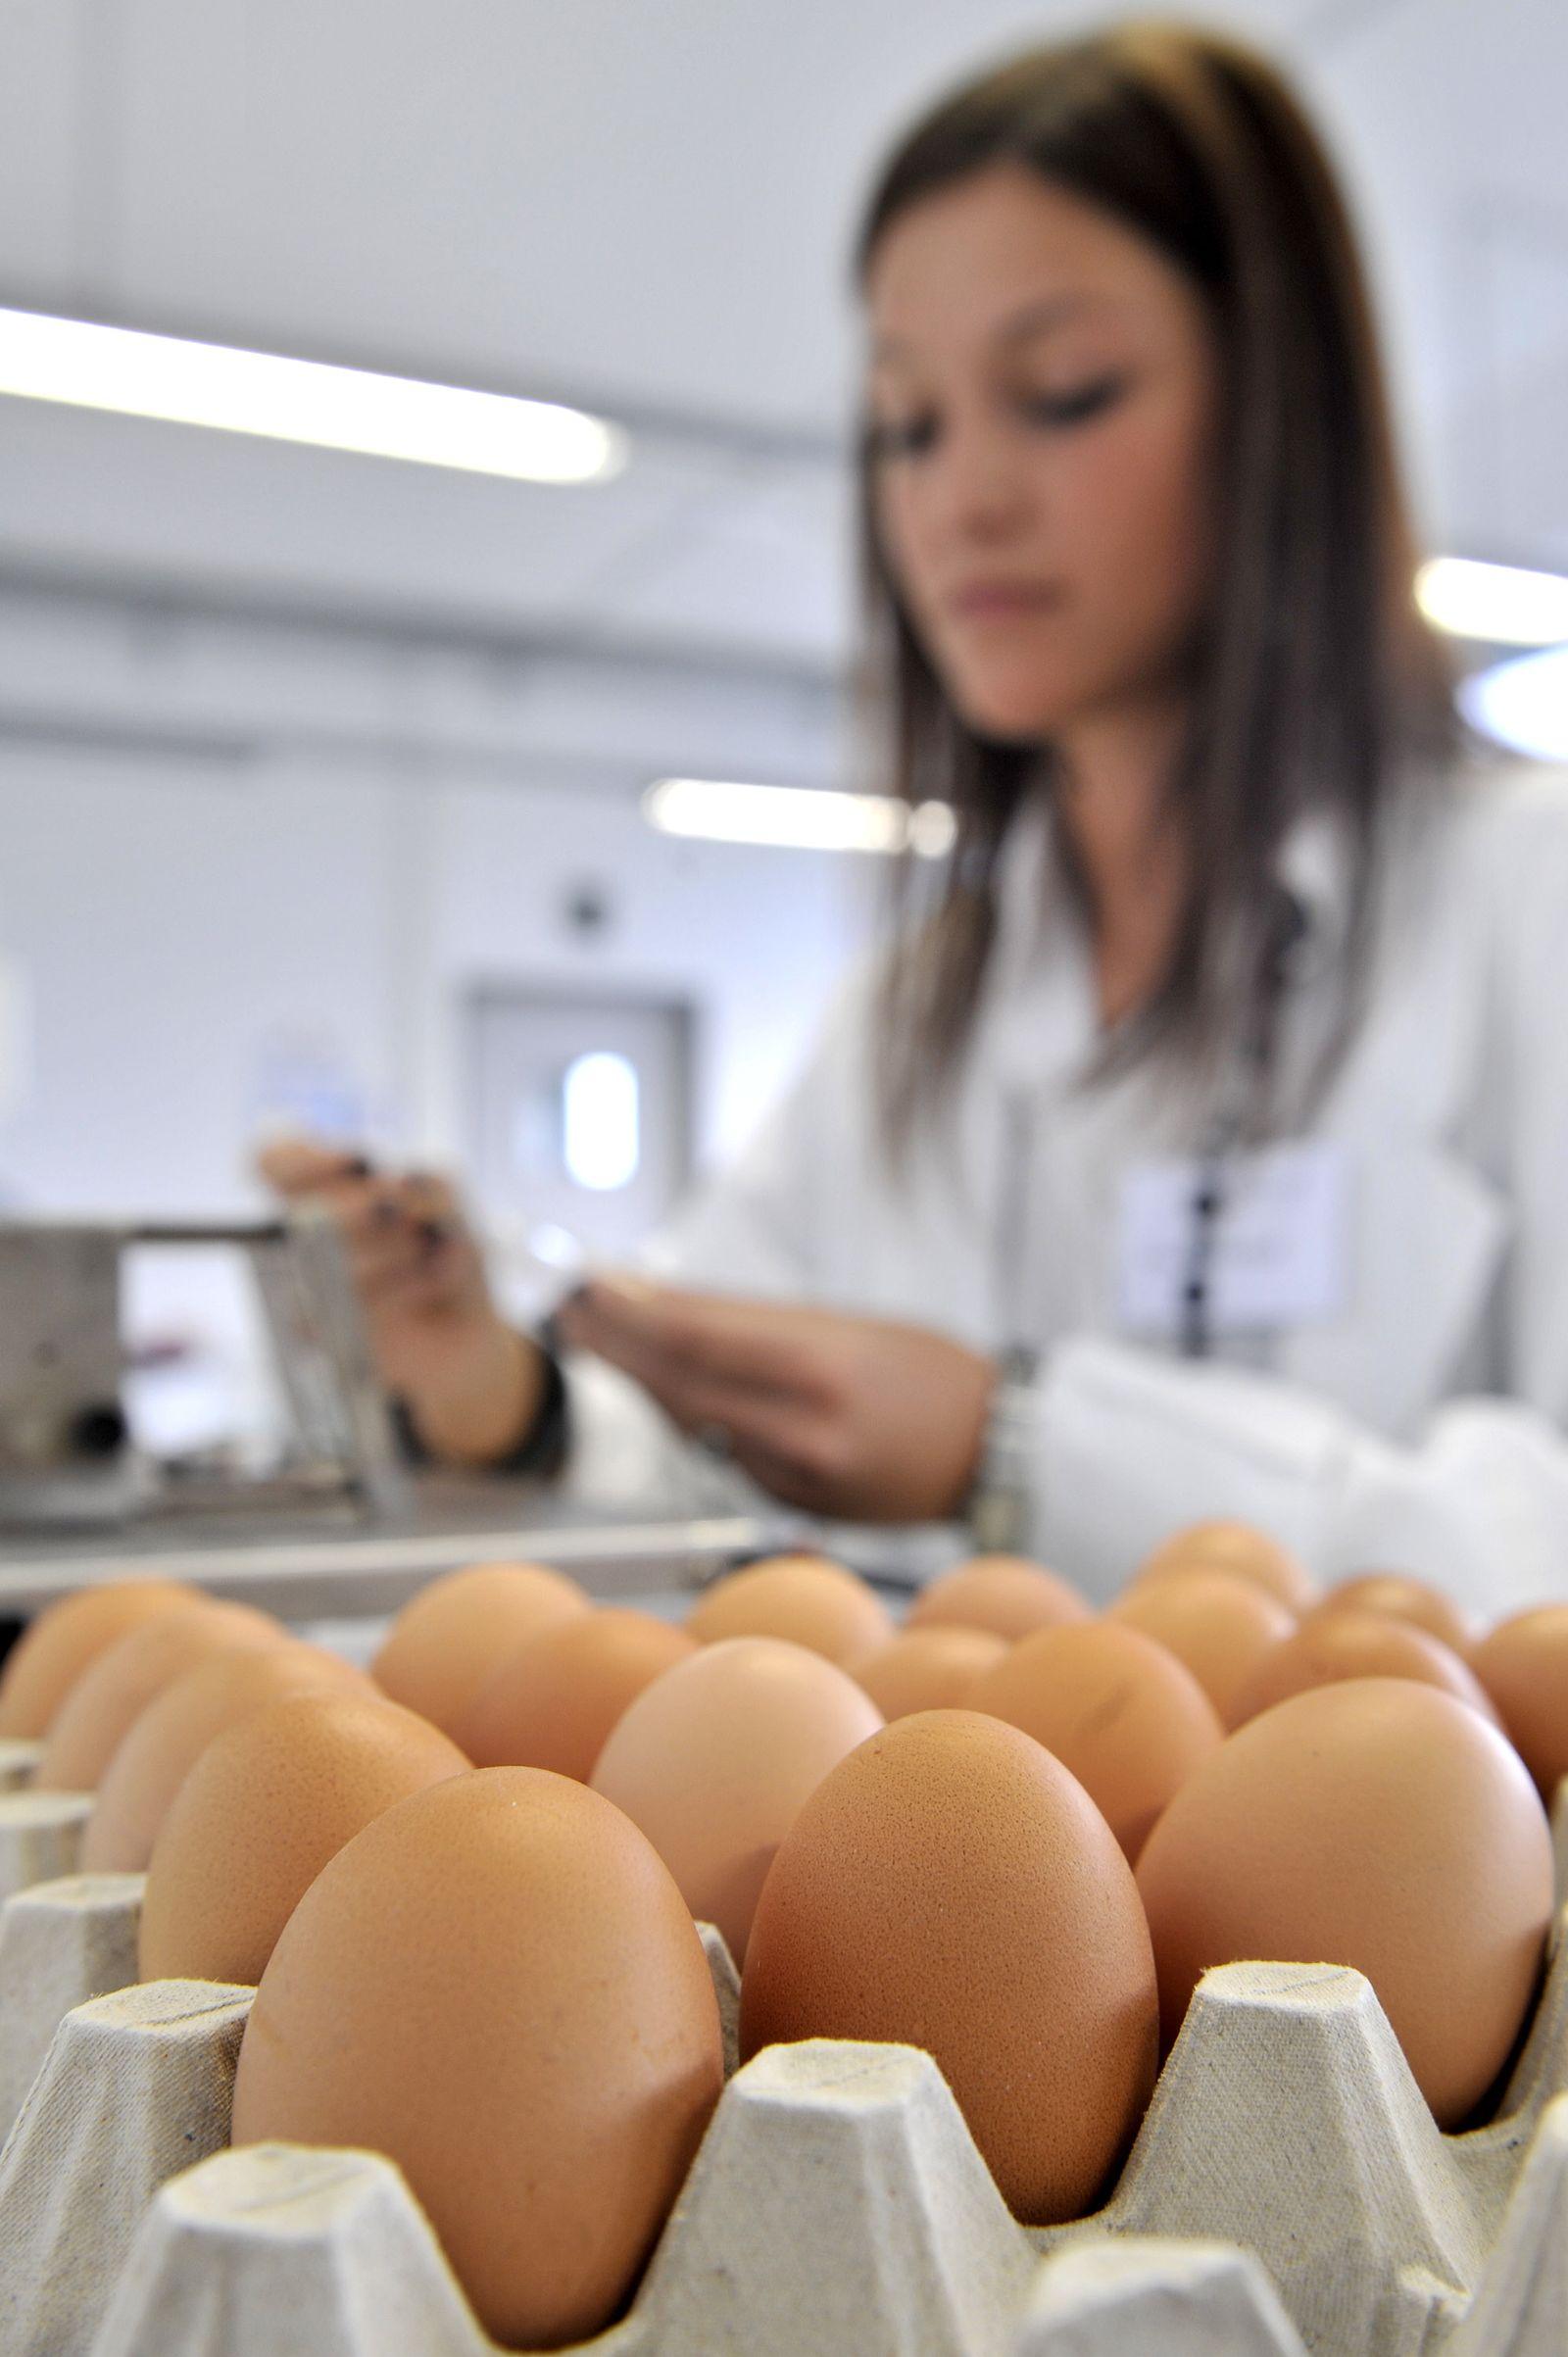 NICHT VERWENDEN Dioxin-Eier